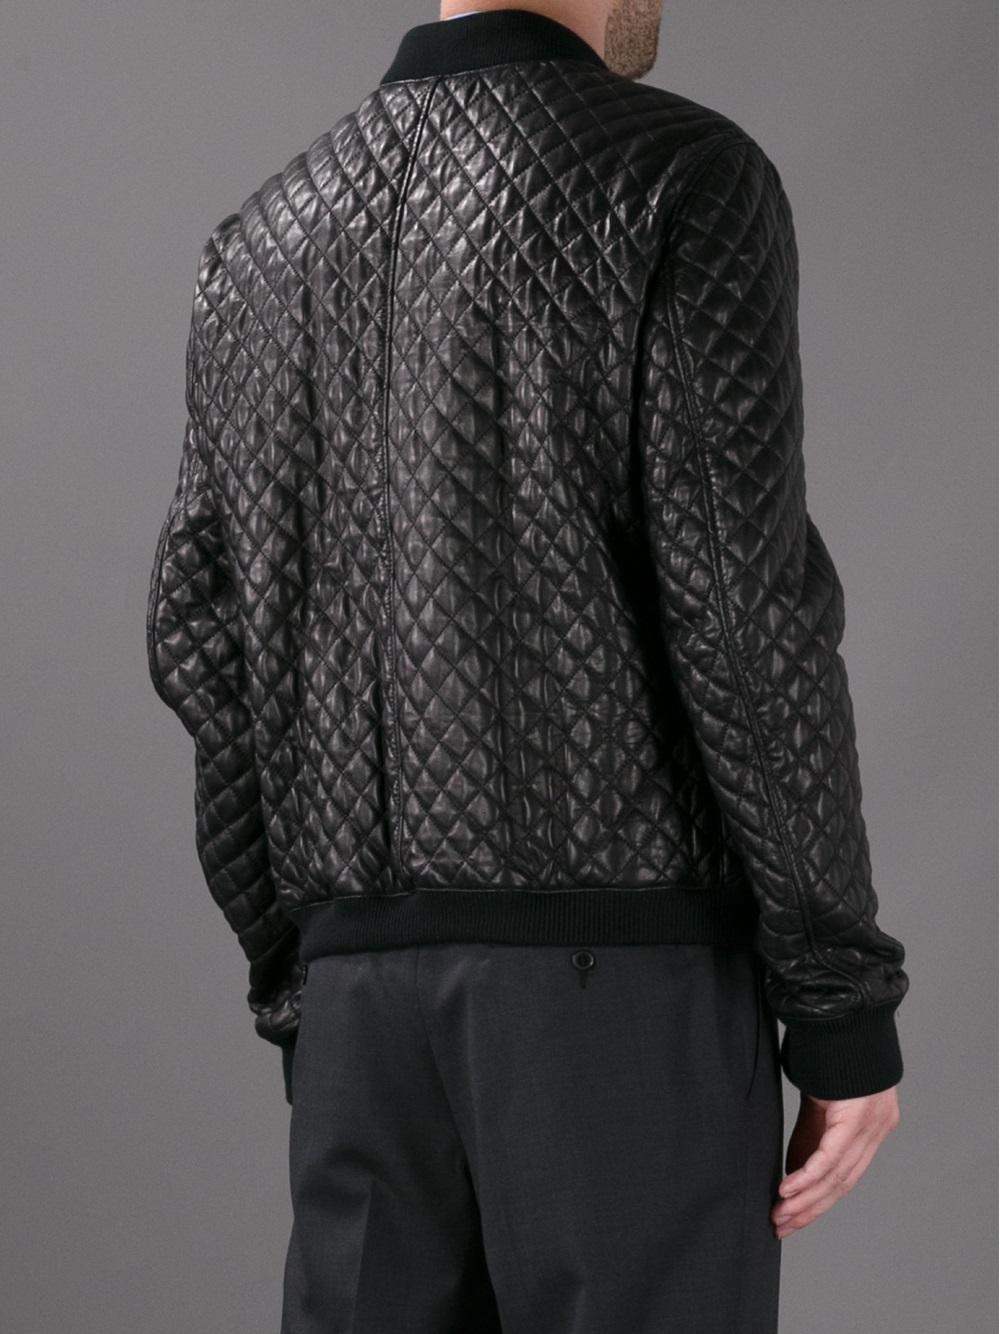 lyst dolce gabbana quilted bomber jacket in black for men. Black Bedroom Furniture Sets. Home Design Ideas